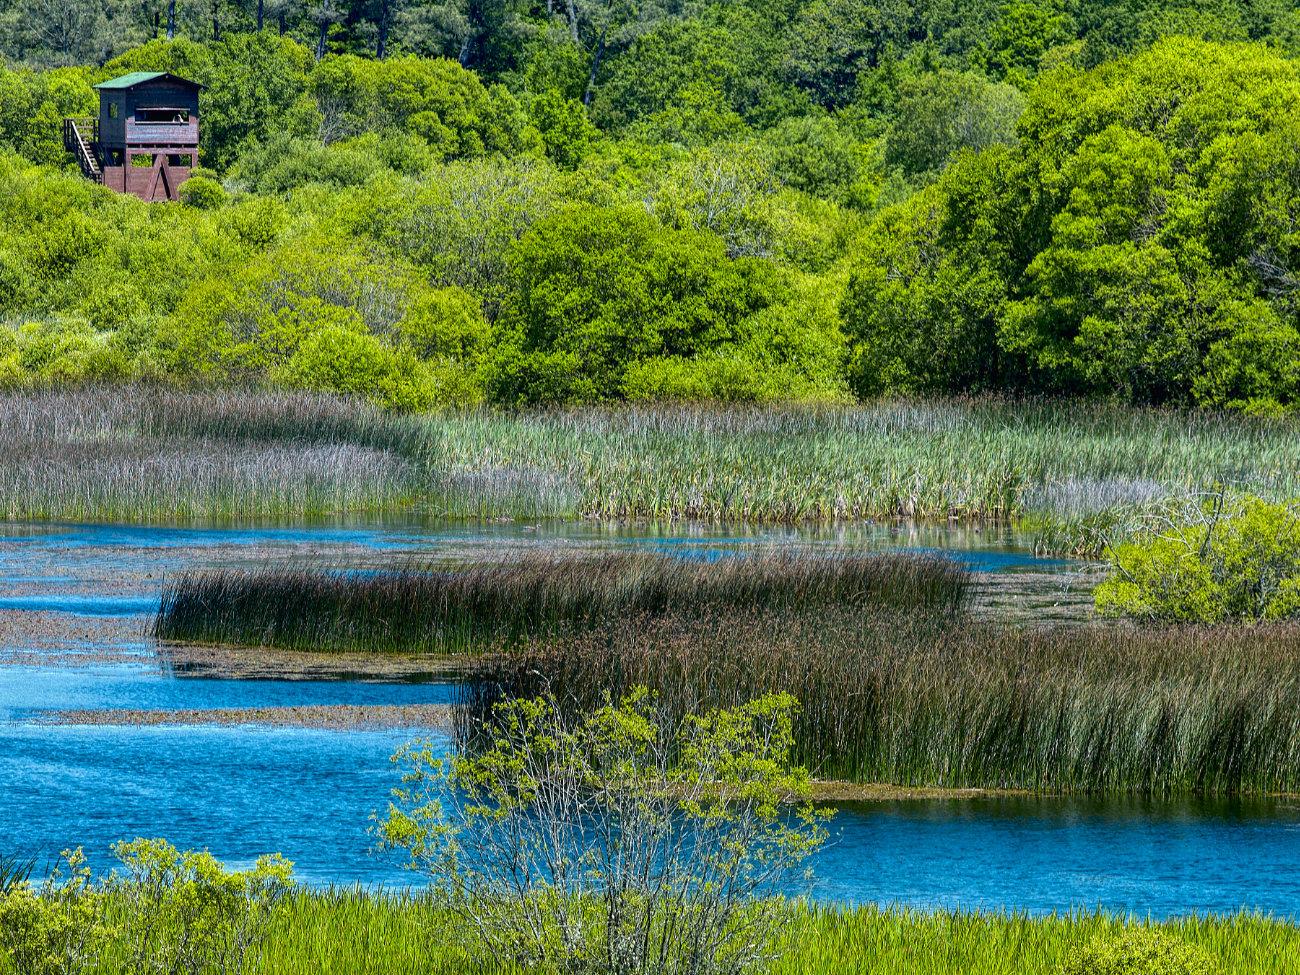 Un día en la laguna de Cospeito, Lugo